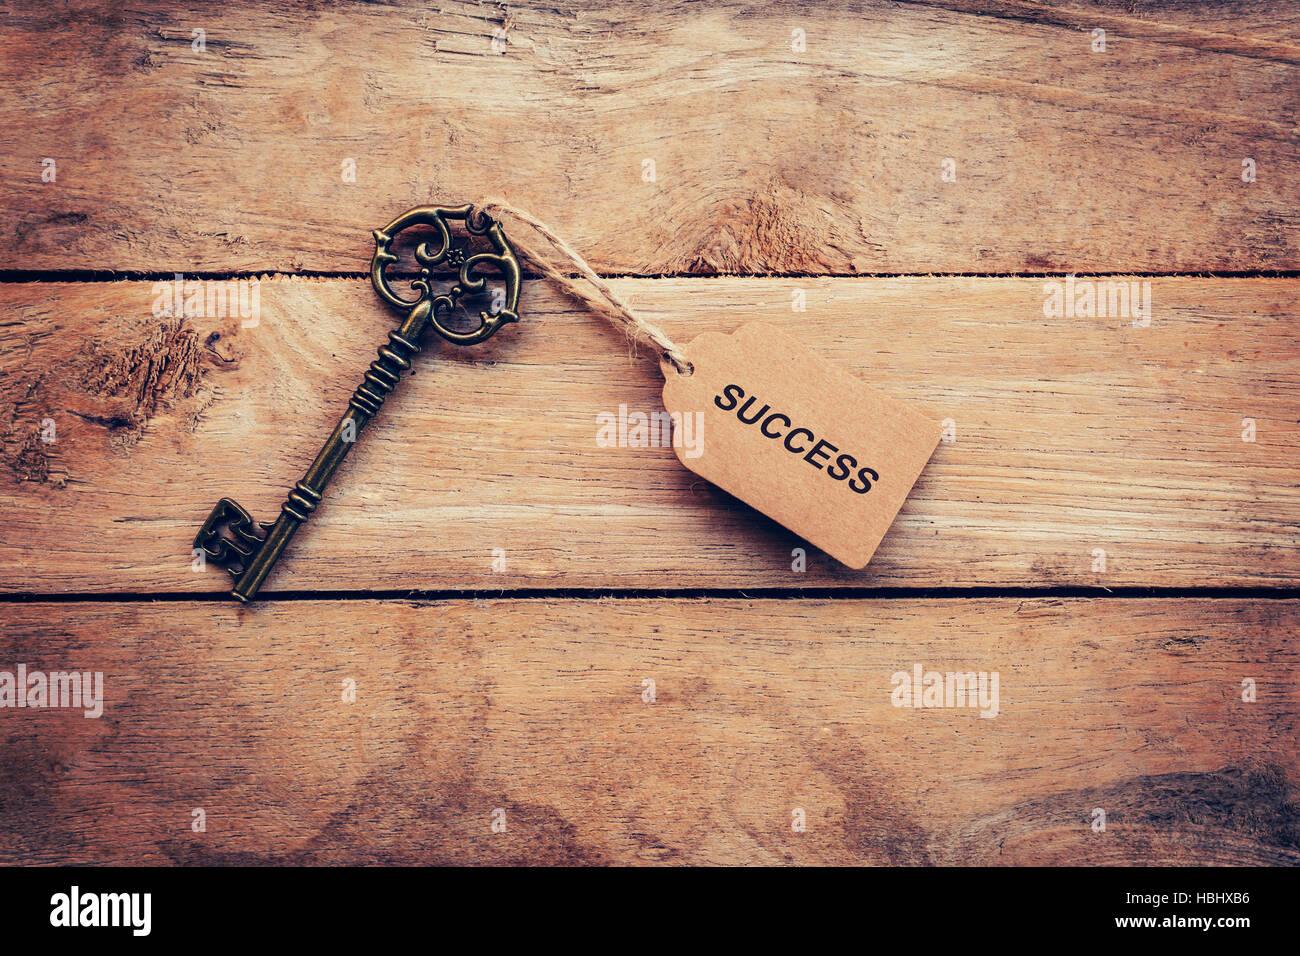 Il concetto di business - vecchia chiave vintage il legno con successo tag. Immagini Stock